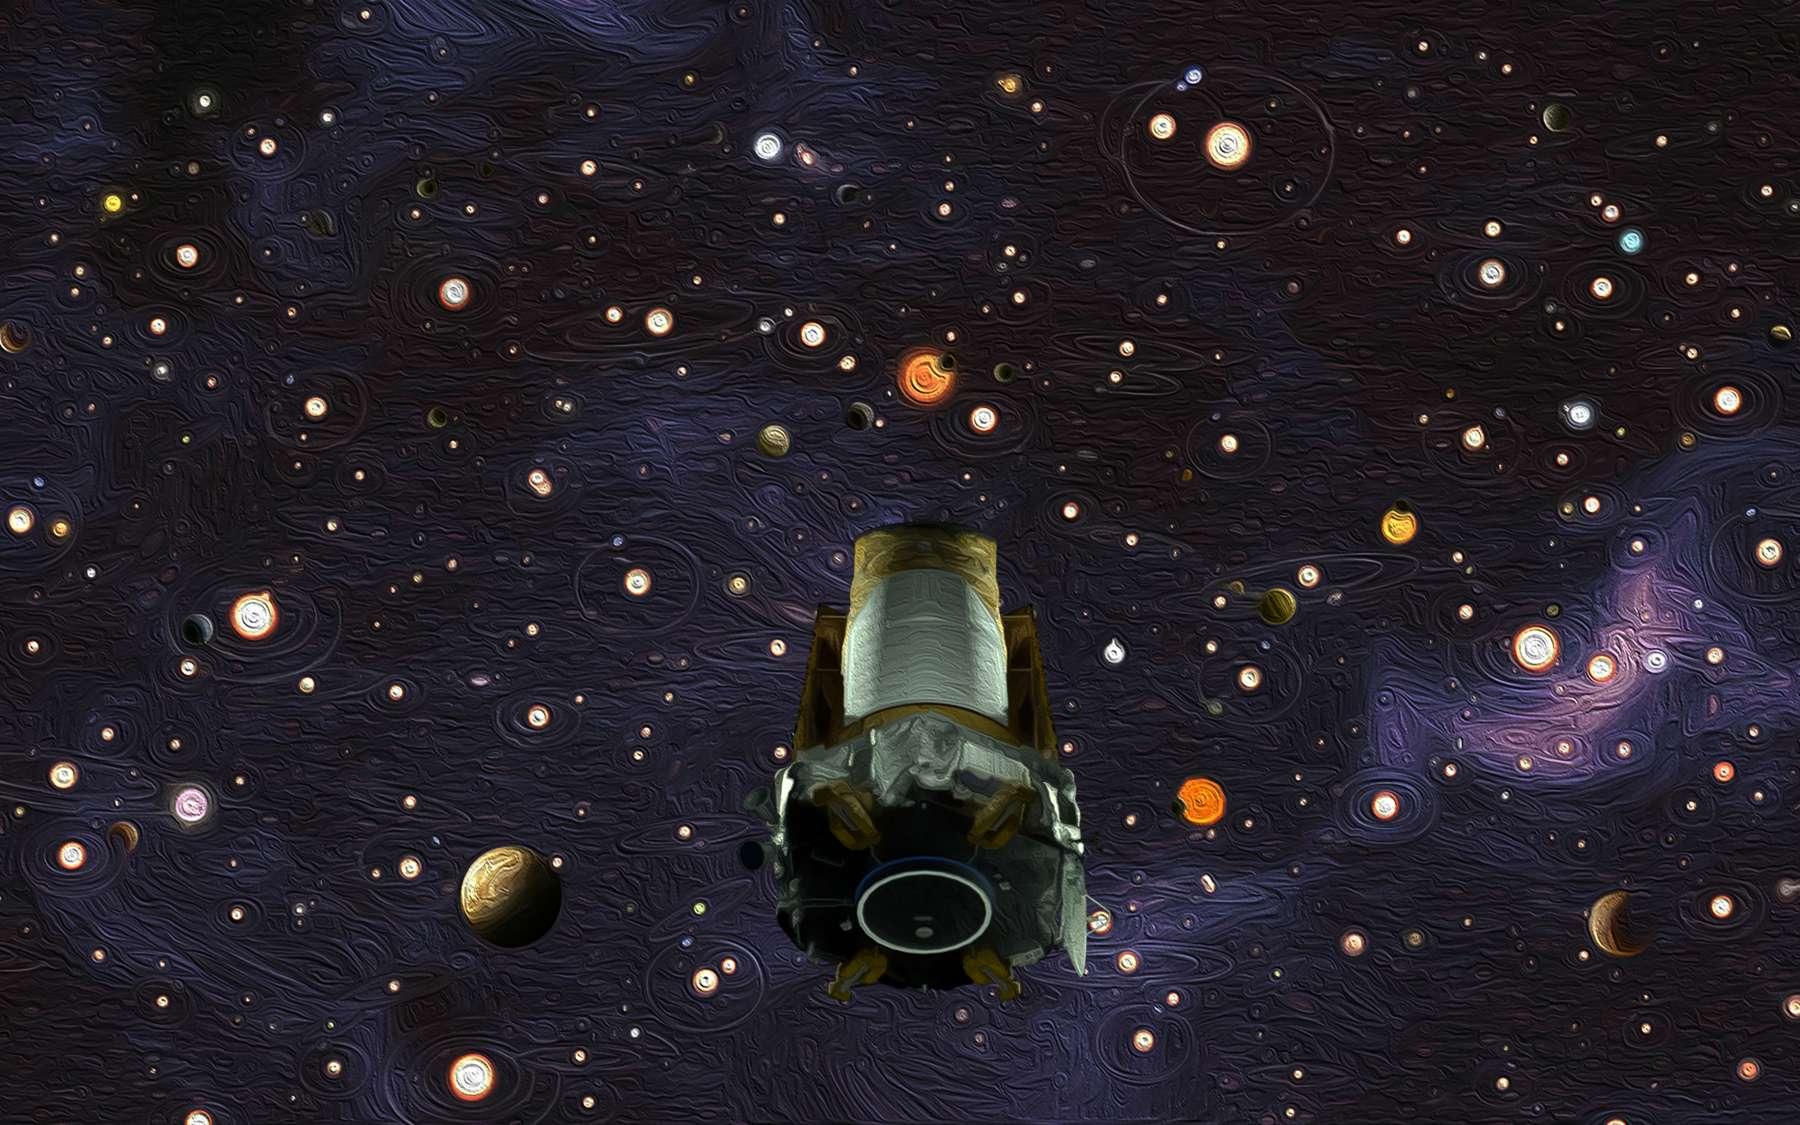 Les grandes découvertes de Kepler. Illustration représentant le télescope spatial devant les milliers de planètes qu'il a débusquées. © Nasa, Wendy Stenzel, Daniel Rutter